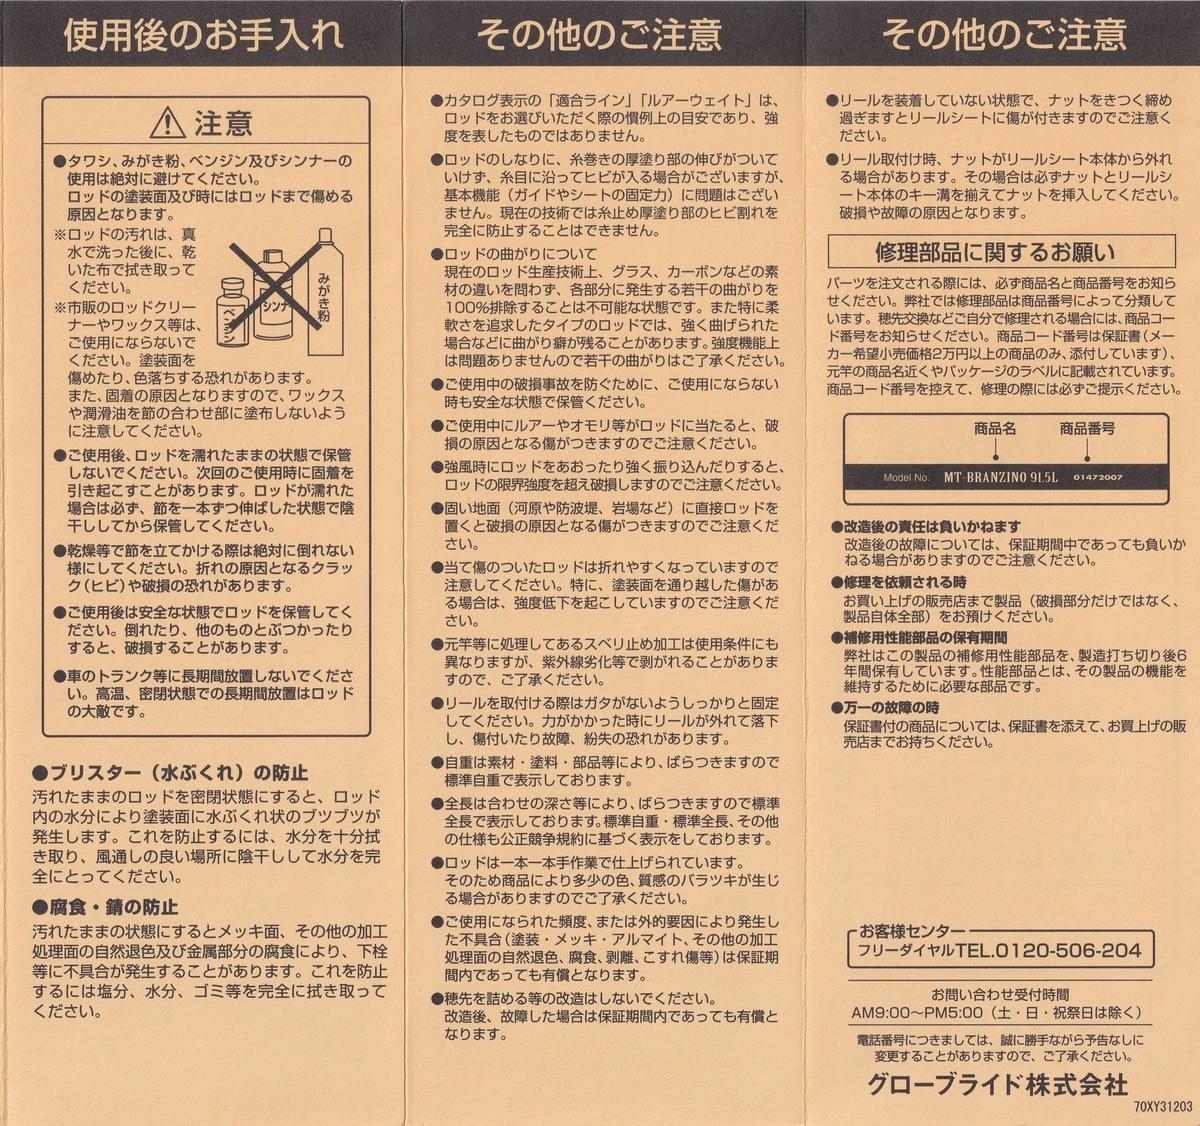 f:id:totoro-niisan:20200527053738j:plain